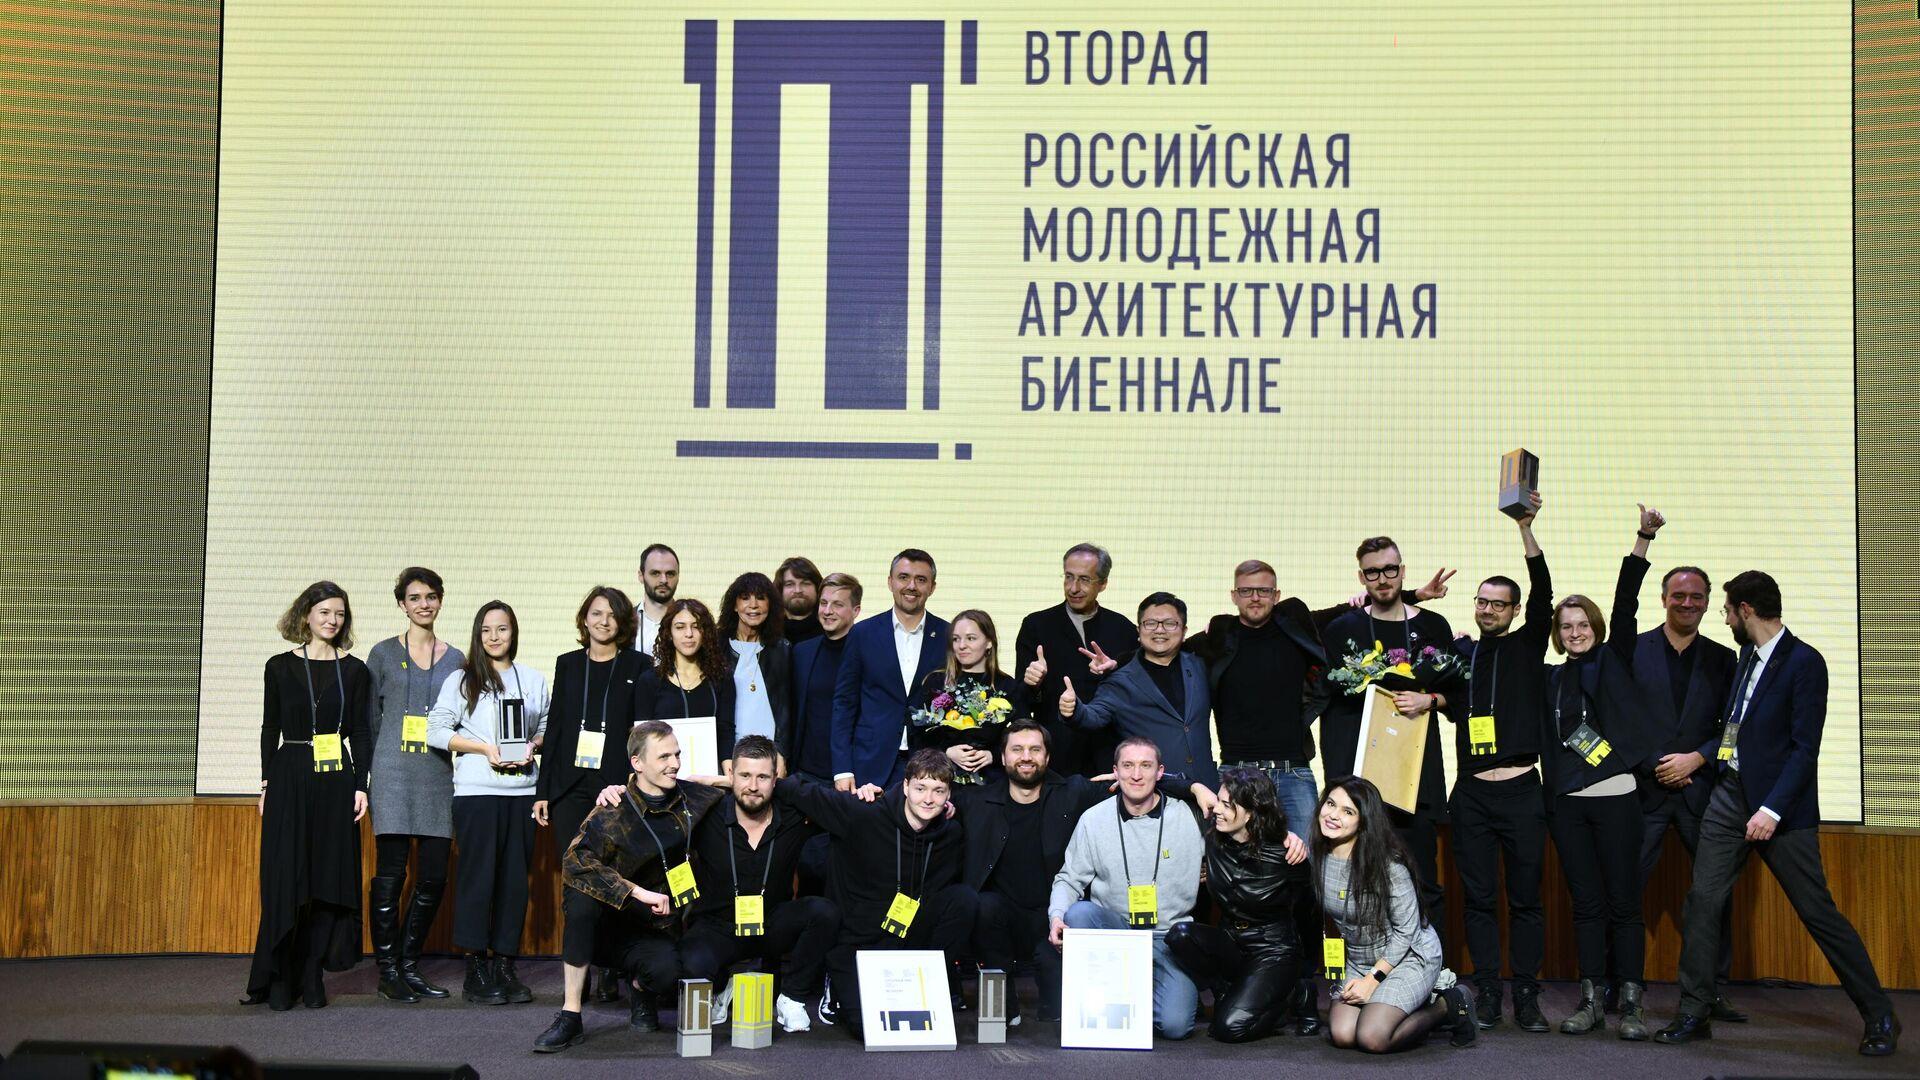 Все финалисты и члены жюри второй Российской молодежной архитектурной биеннале - РИА Новости, 1920, 10.06.2021